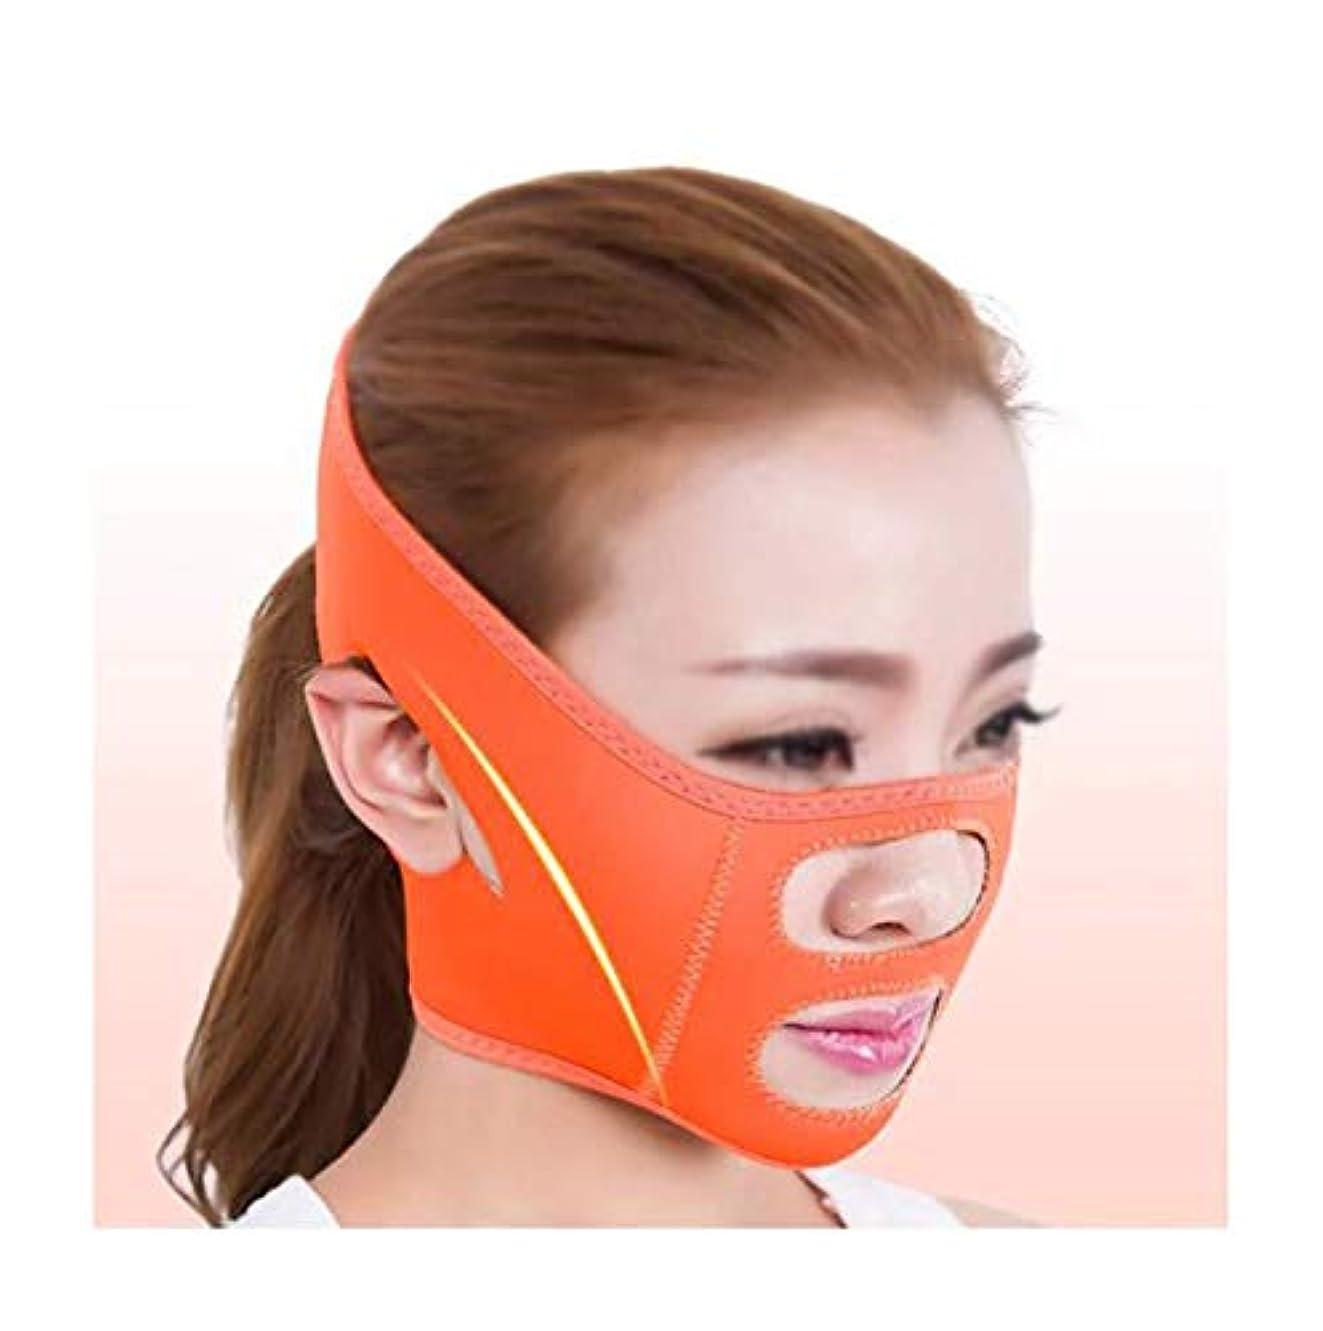 食物暖かさ骨の折れるファーミングフェイスマスク、術後リフティングマスクホーム包帯揺れネットワーク赤女性Vフェイスステッカーストラップ楽器顔アーティファクト(色:青),オレンジ